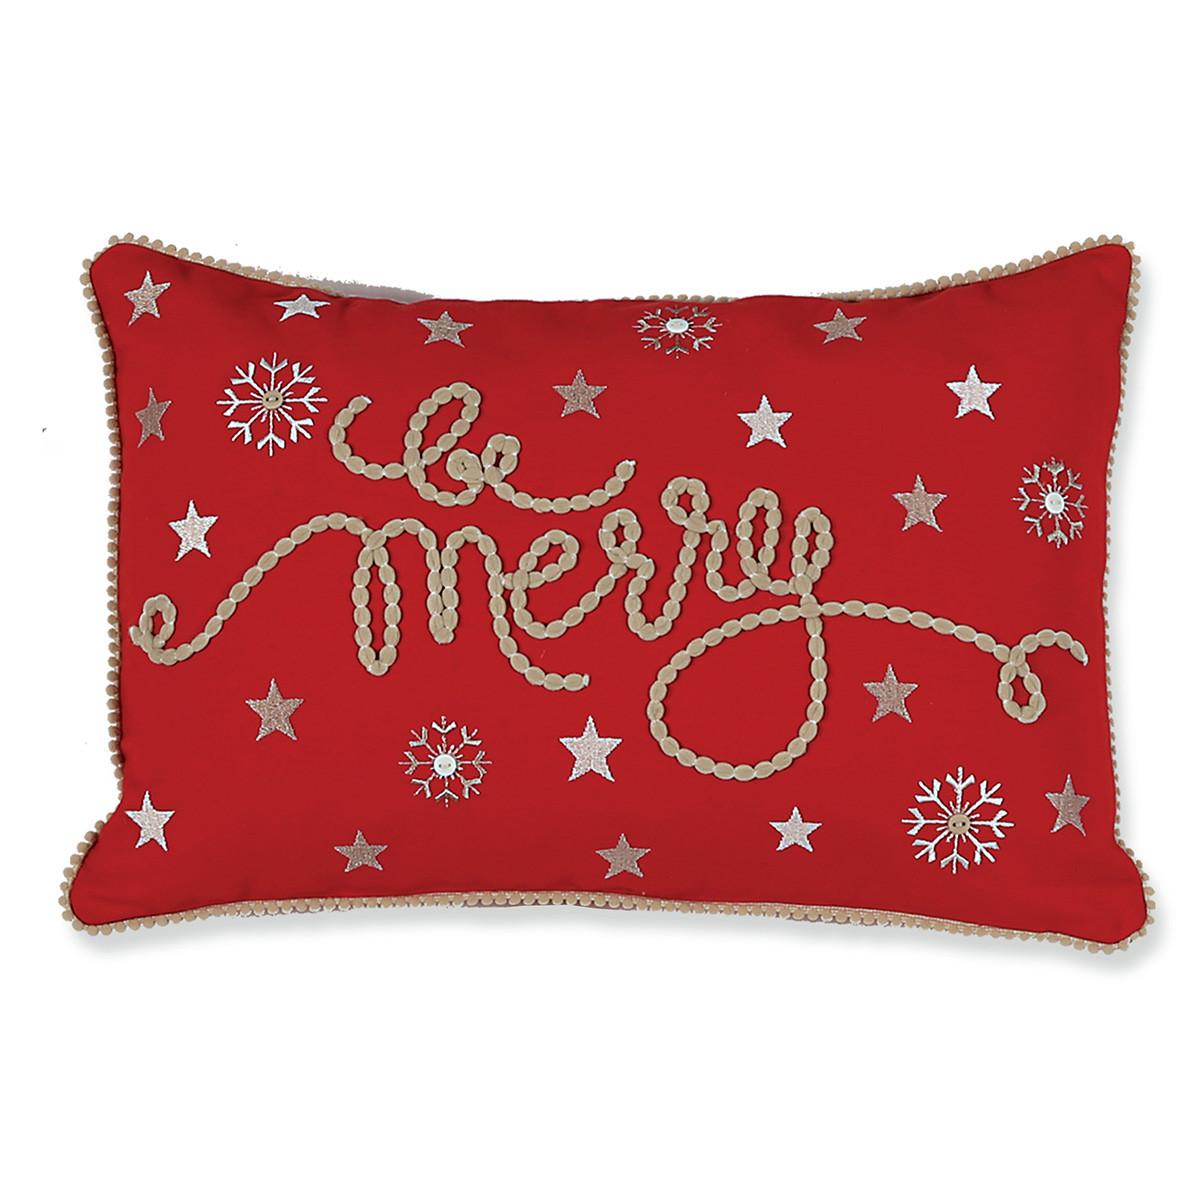 Χριστουγεννιάτικο Μαξιλάρι Nef-Nef Be Merry